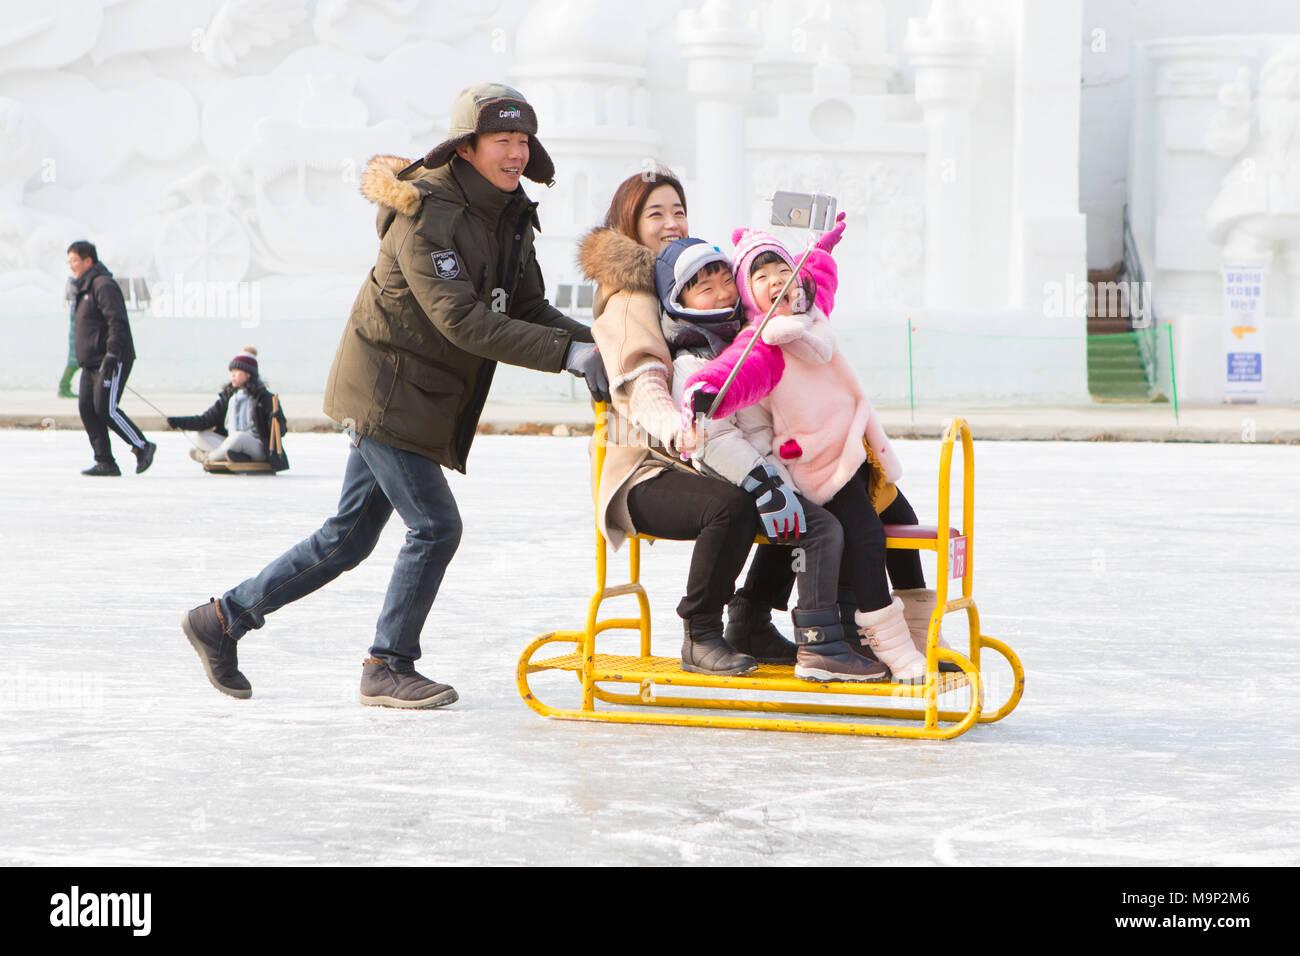 Eine Asiatische suchen Familie ist Spaß ein selfie auf eine Gruppe Schlitten die gefrorenen Fluss am Hwacheon Sancheoneo Ice Festival. Die Hwacheon Sancheoneo Ice Festival ist eine Tradition für die Menschen in Korea. Jedes Jahr im Januar Menschenmassen versammeln sich auf dem zugefrorenen Fluss der Kälte und dem Schnee des Winters zu feiern. Hauptattraktion ist Eisfischen. Jung und Alt warten geduldig auf ein kleines Loch im Eis für eine Forelle zu beißen. In zelten können Sie den Fisch vom Grill, nach dem sie gegessen werden. Unter anderem sind Rodeln und Eislaufen. Die in der Nähe Pyeongchang Region wird Gastgeber der Olympischen Winterspiele in Stockbild